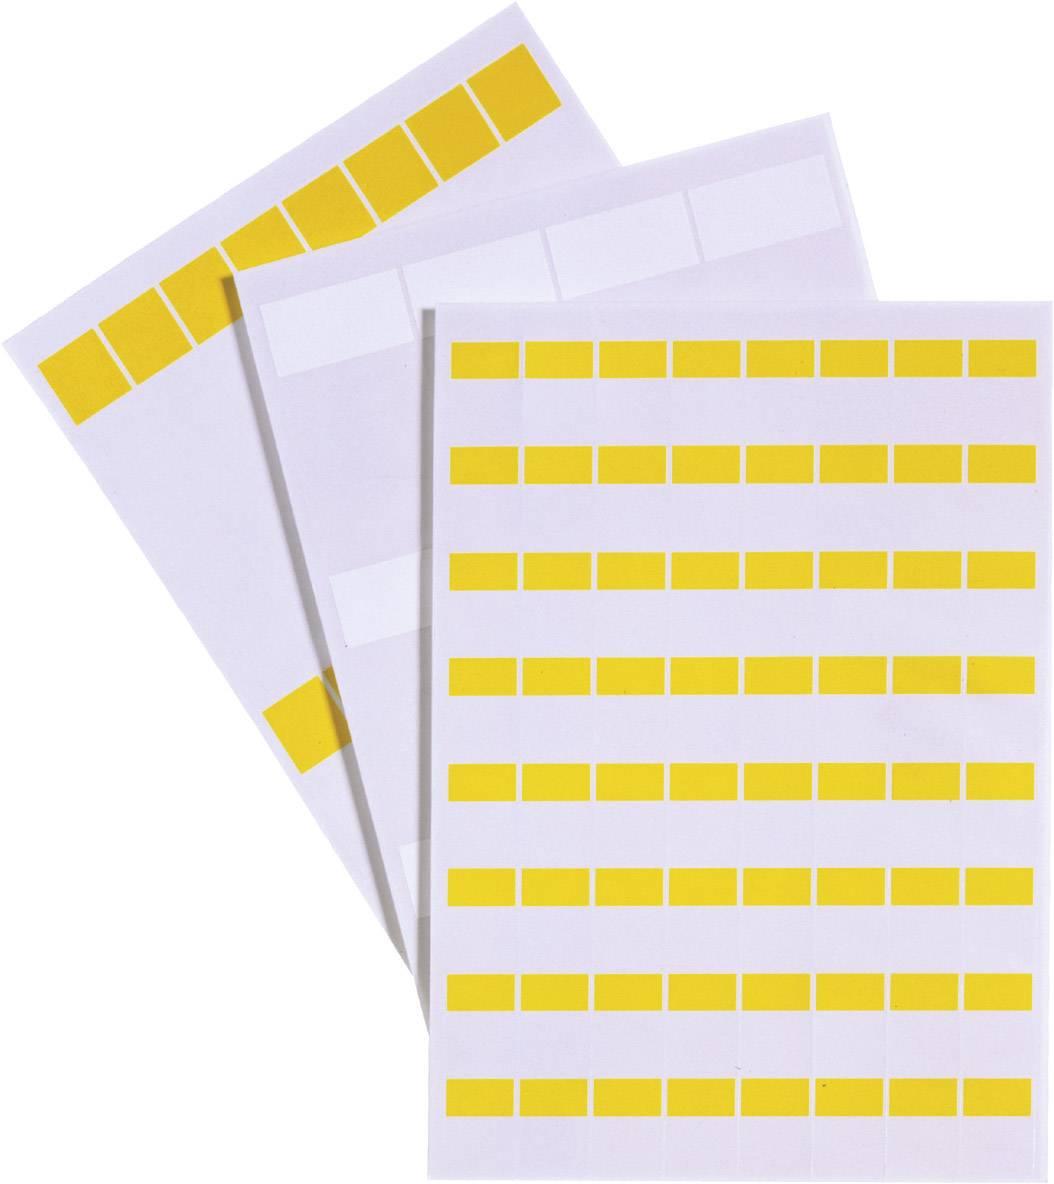 Etikety LappKabel LCK-40 YE (83256146), žlutá